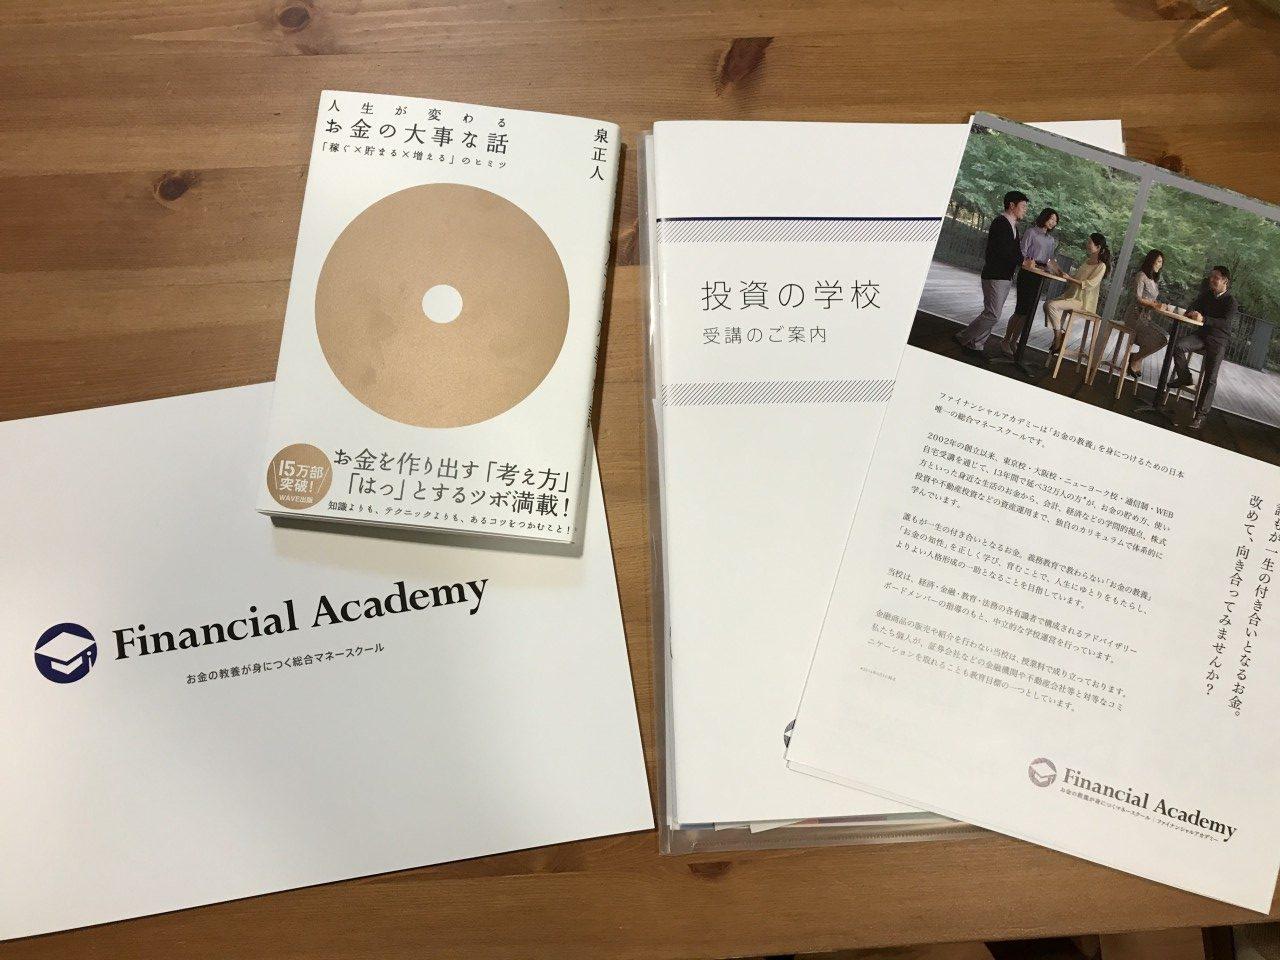 【感想&口コミ】ファイナンシャルアカデミー「お金の教養講座」(無料講座)に体験参加。お金について学ぶ良い講座でした。